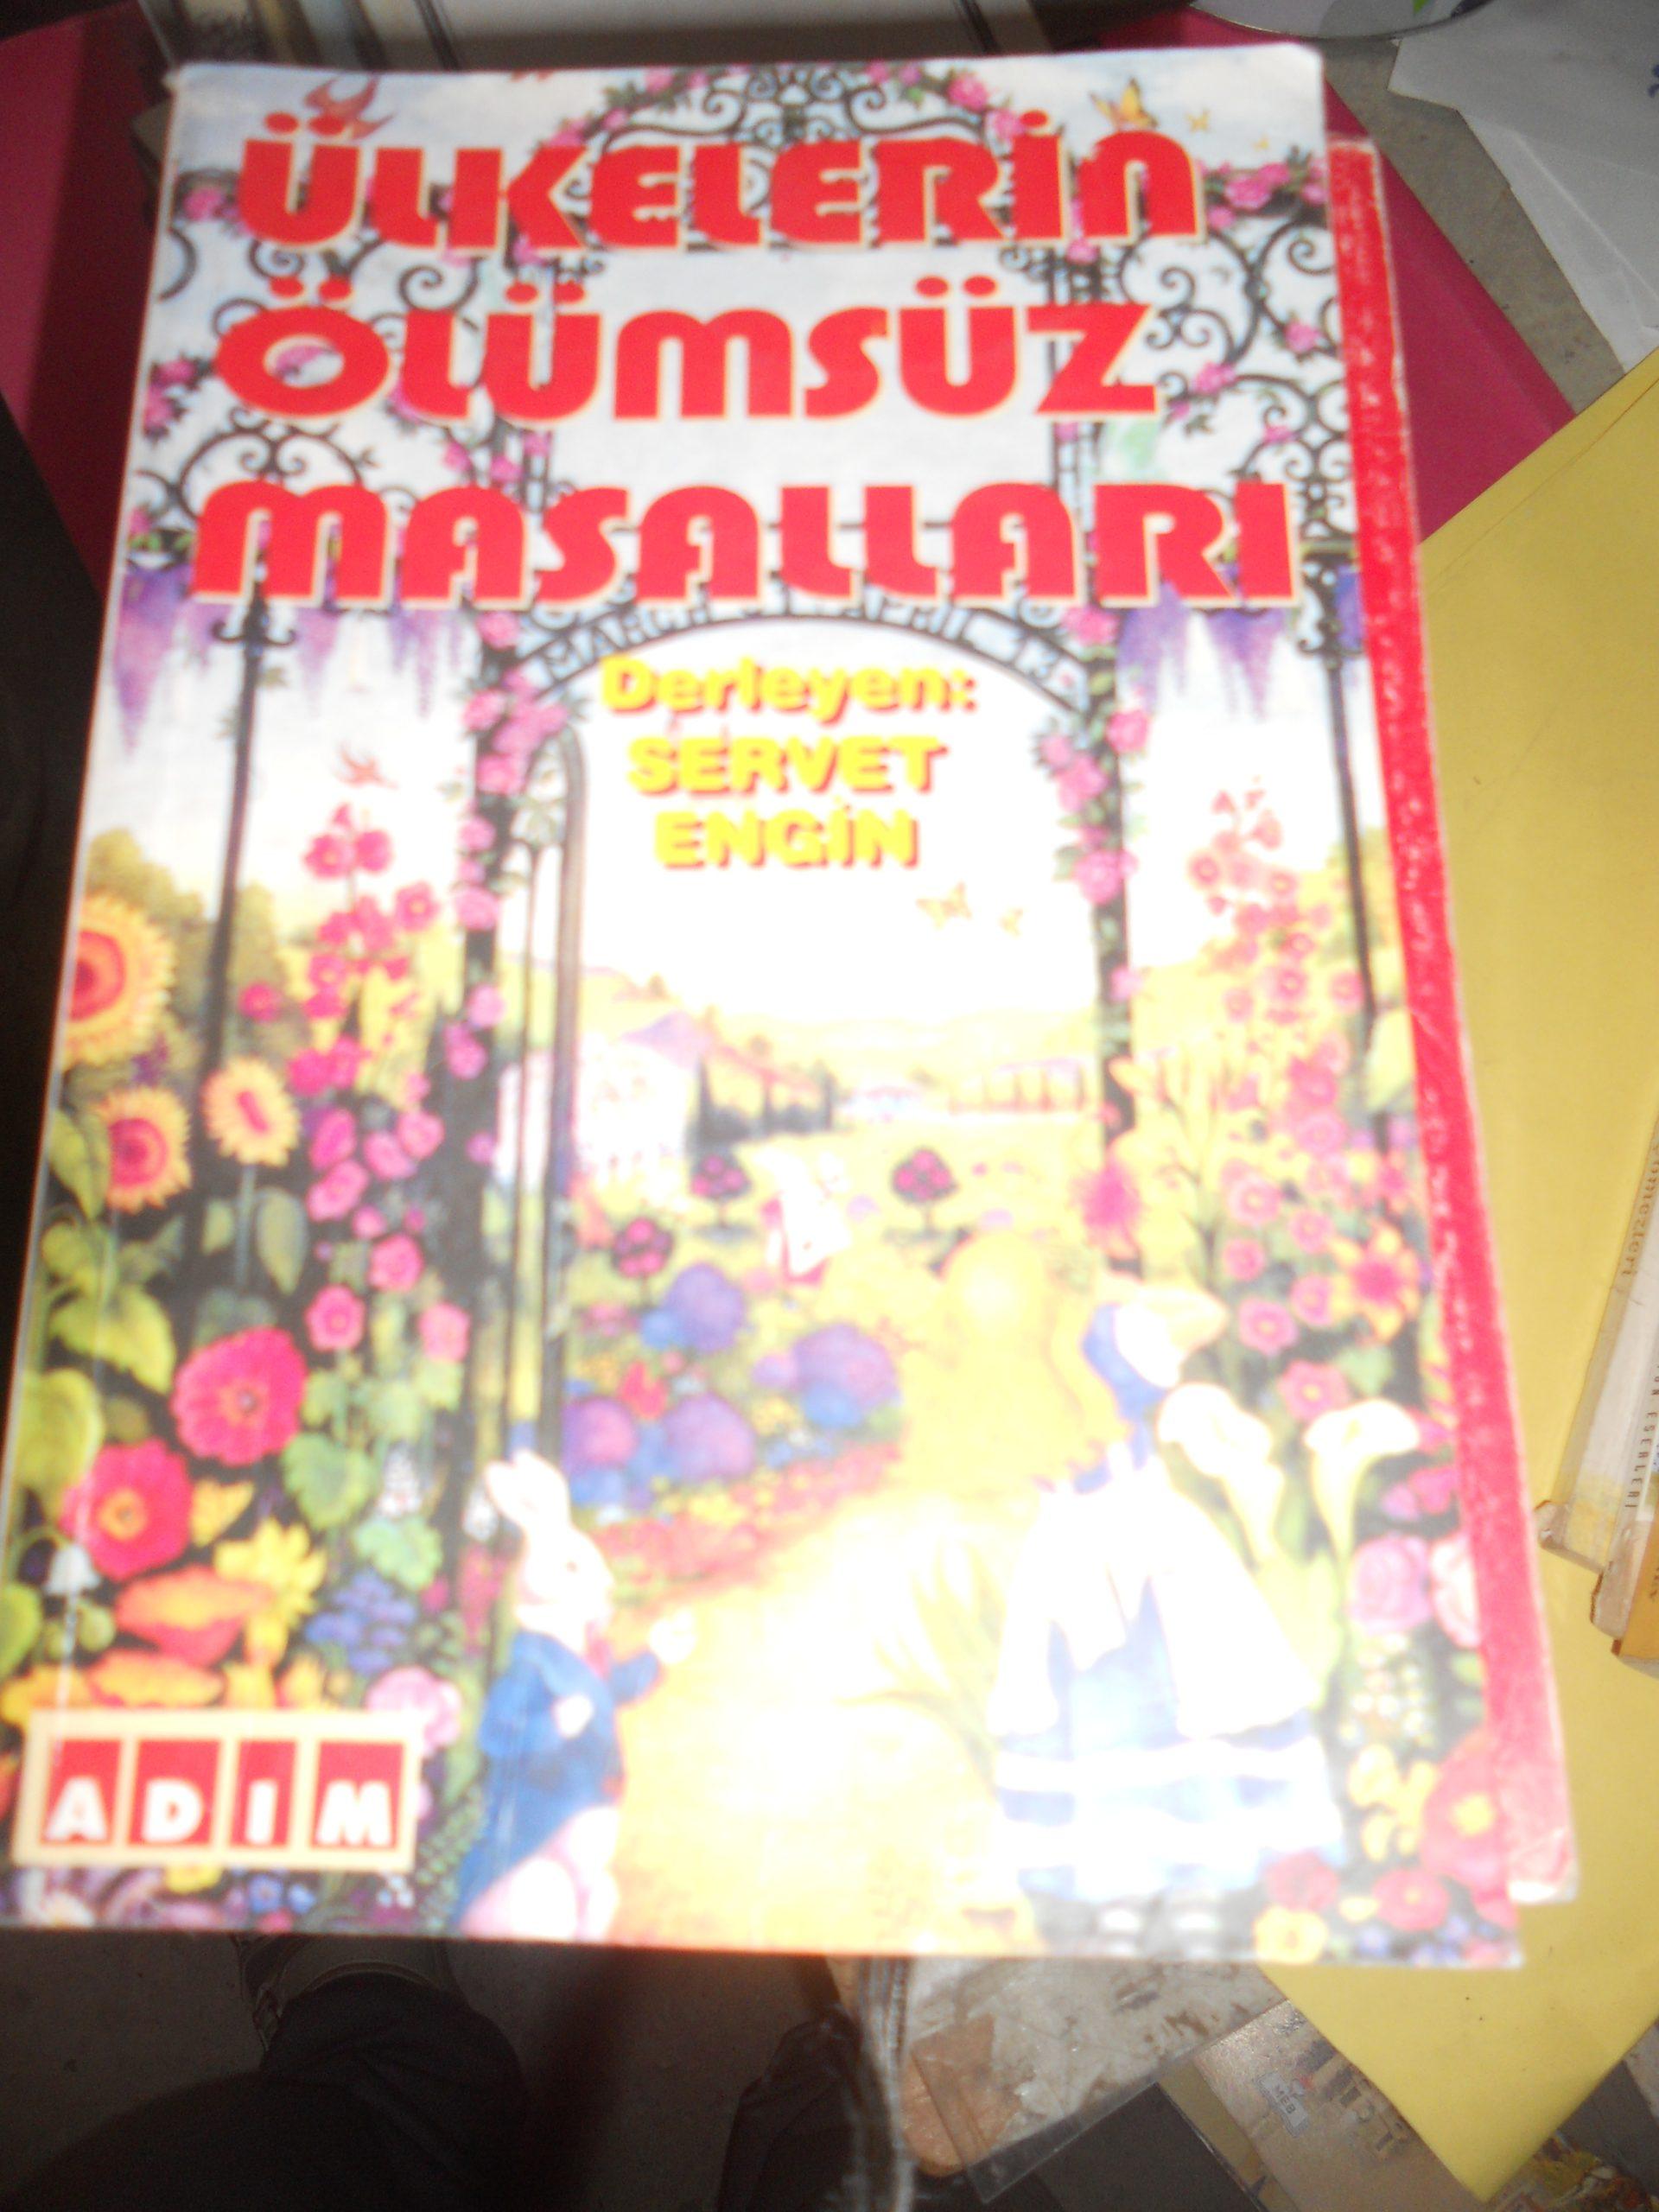 ÜLKELERİN ÖLÜMSÜZ MASALLARI/Derleyen.Servet ENGİN/10 TL